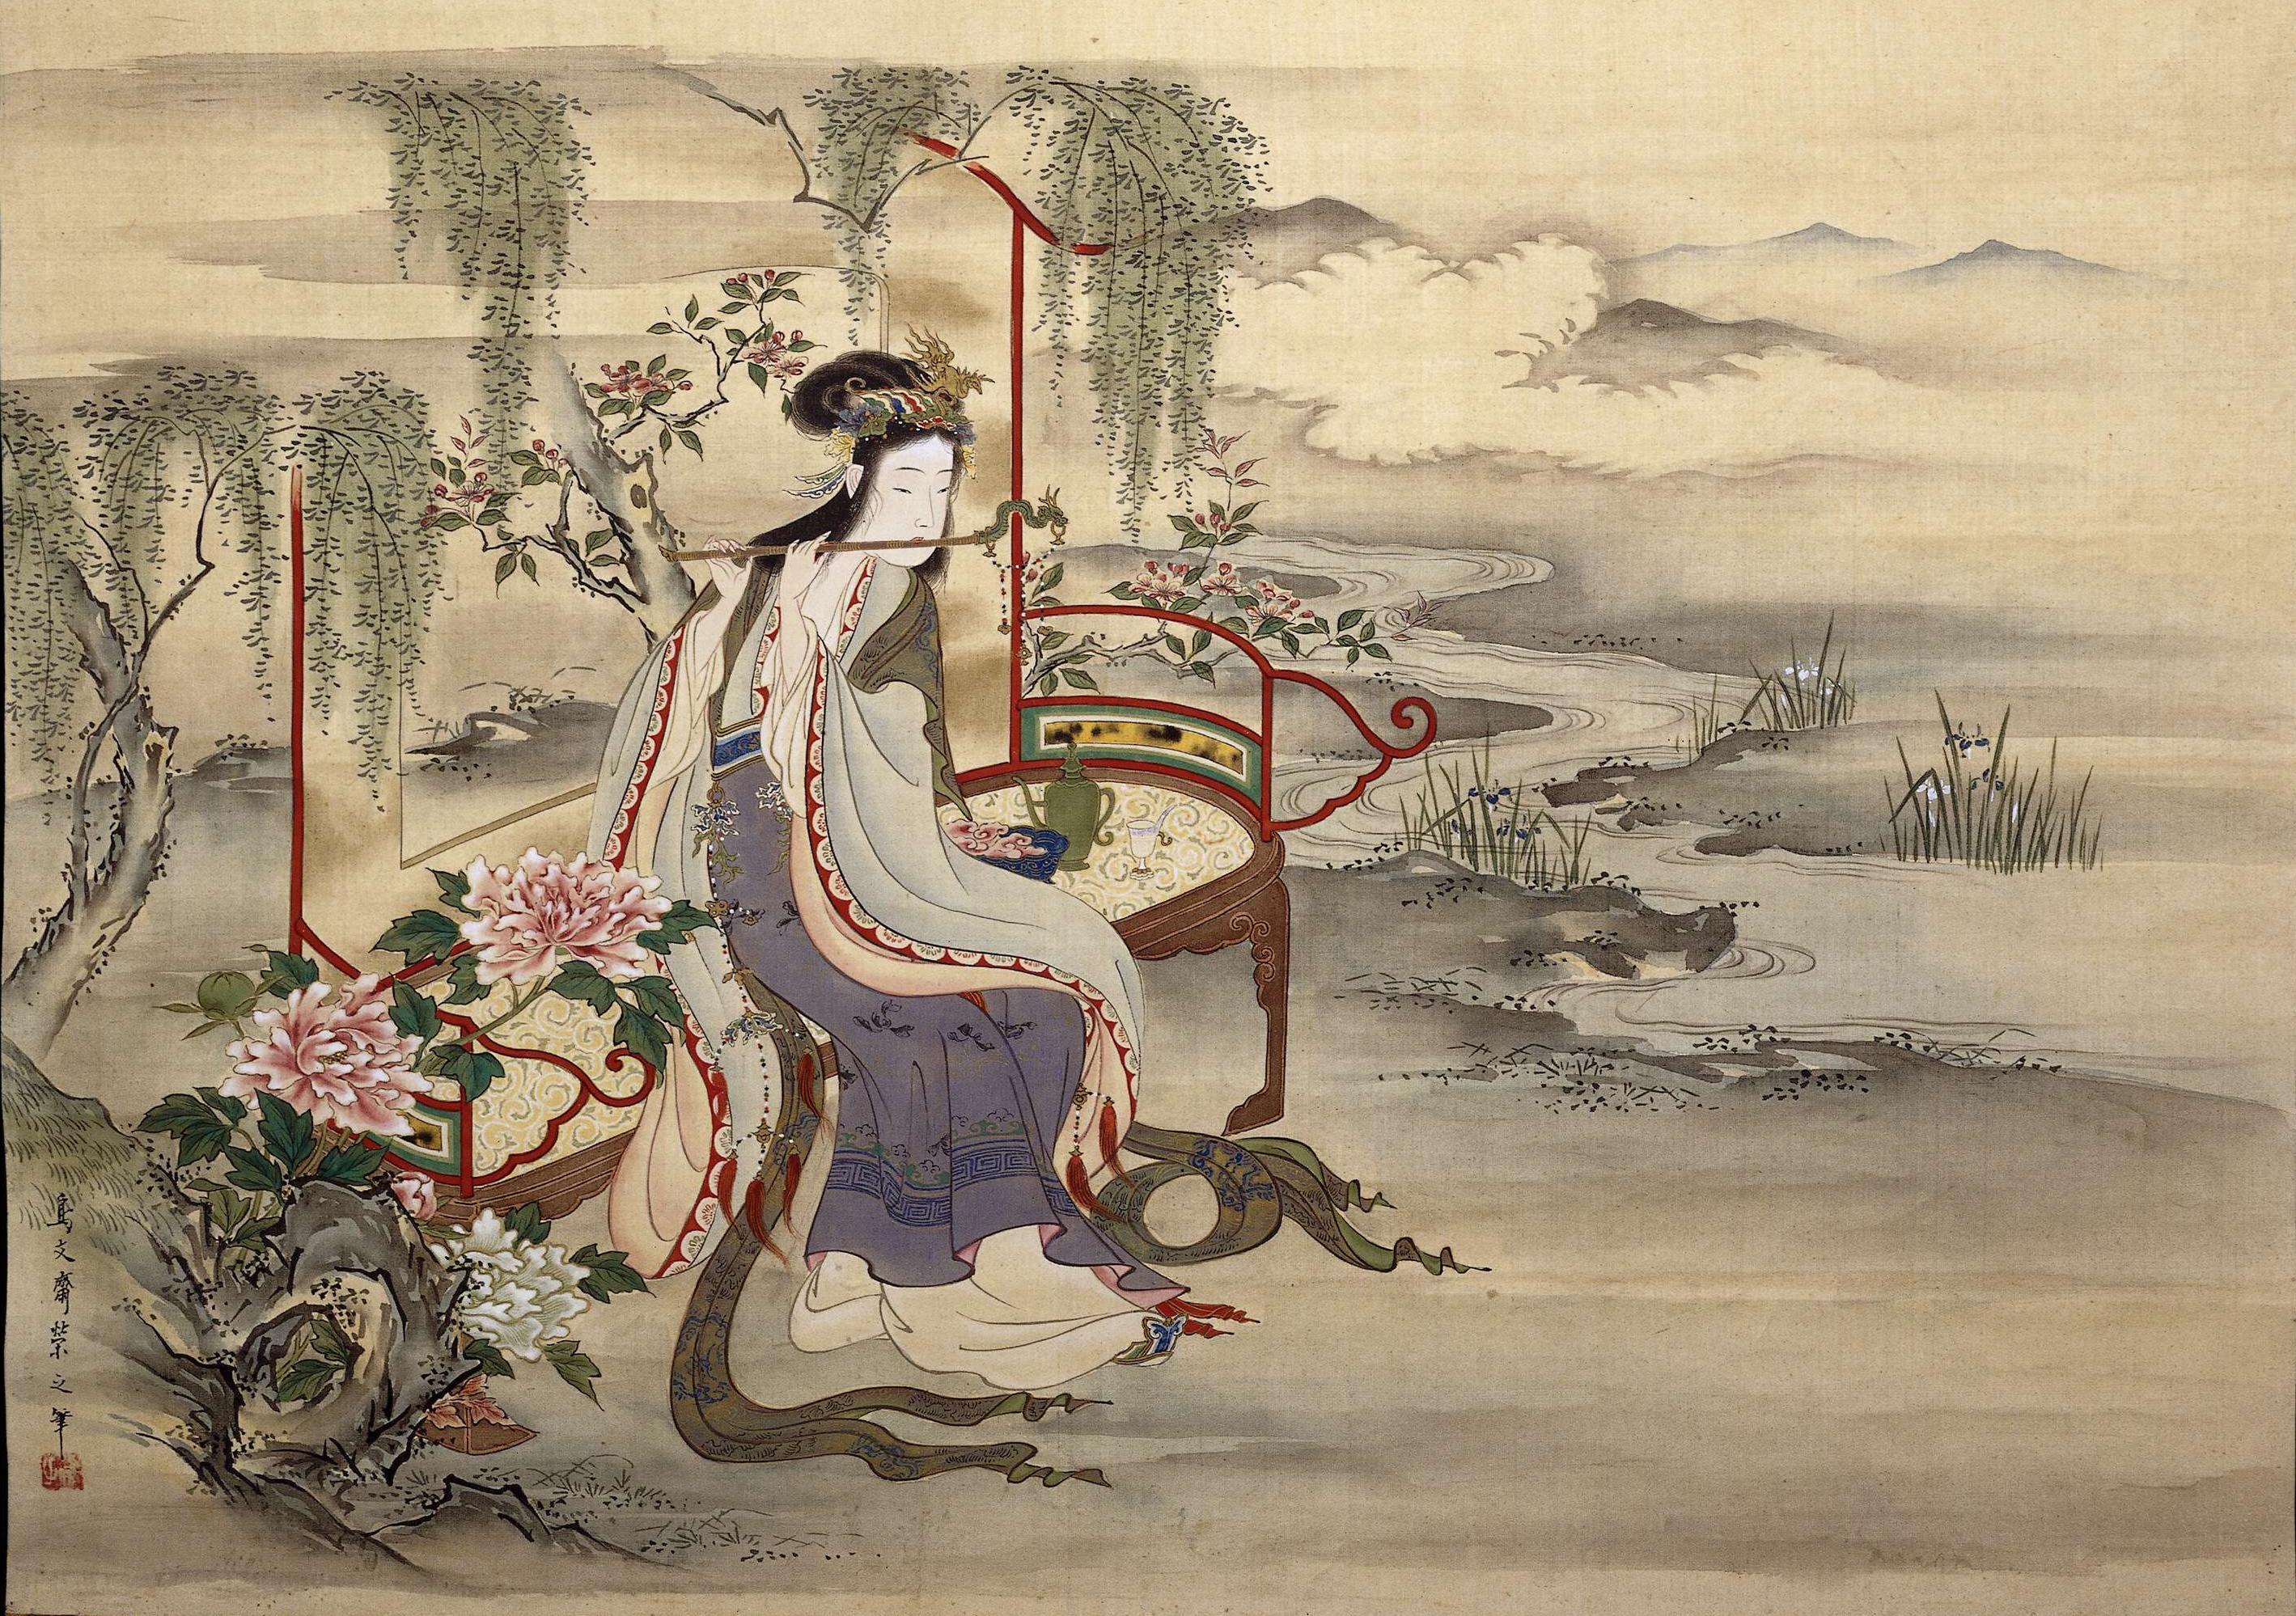 File:Hosoda Eishi - Yang Gui Fei.jpg